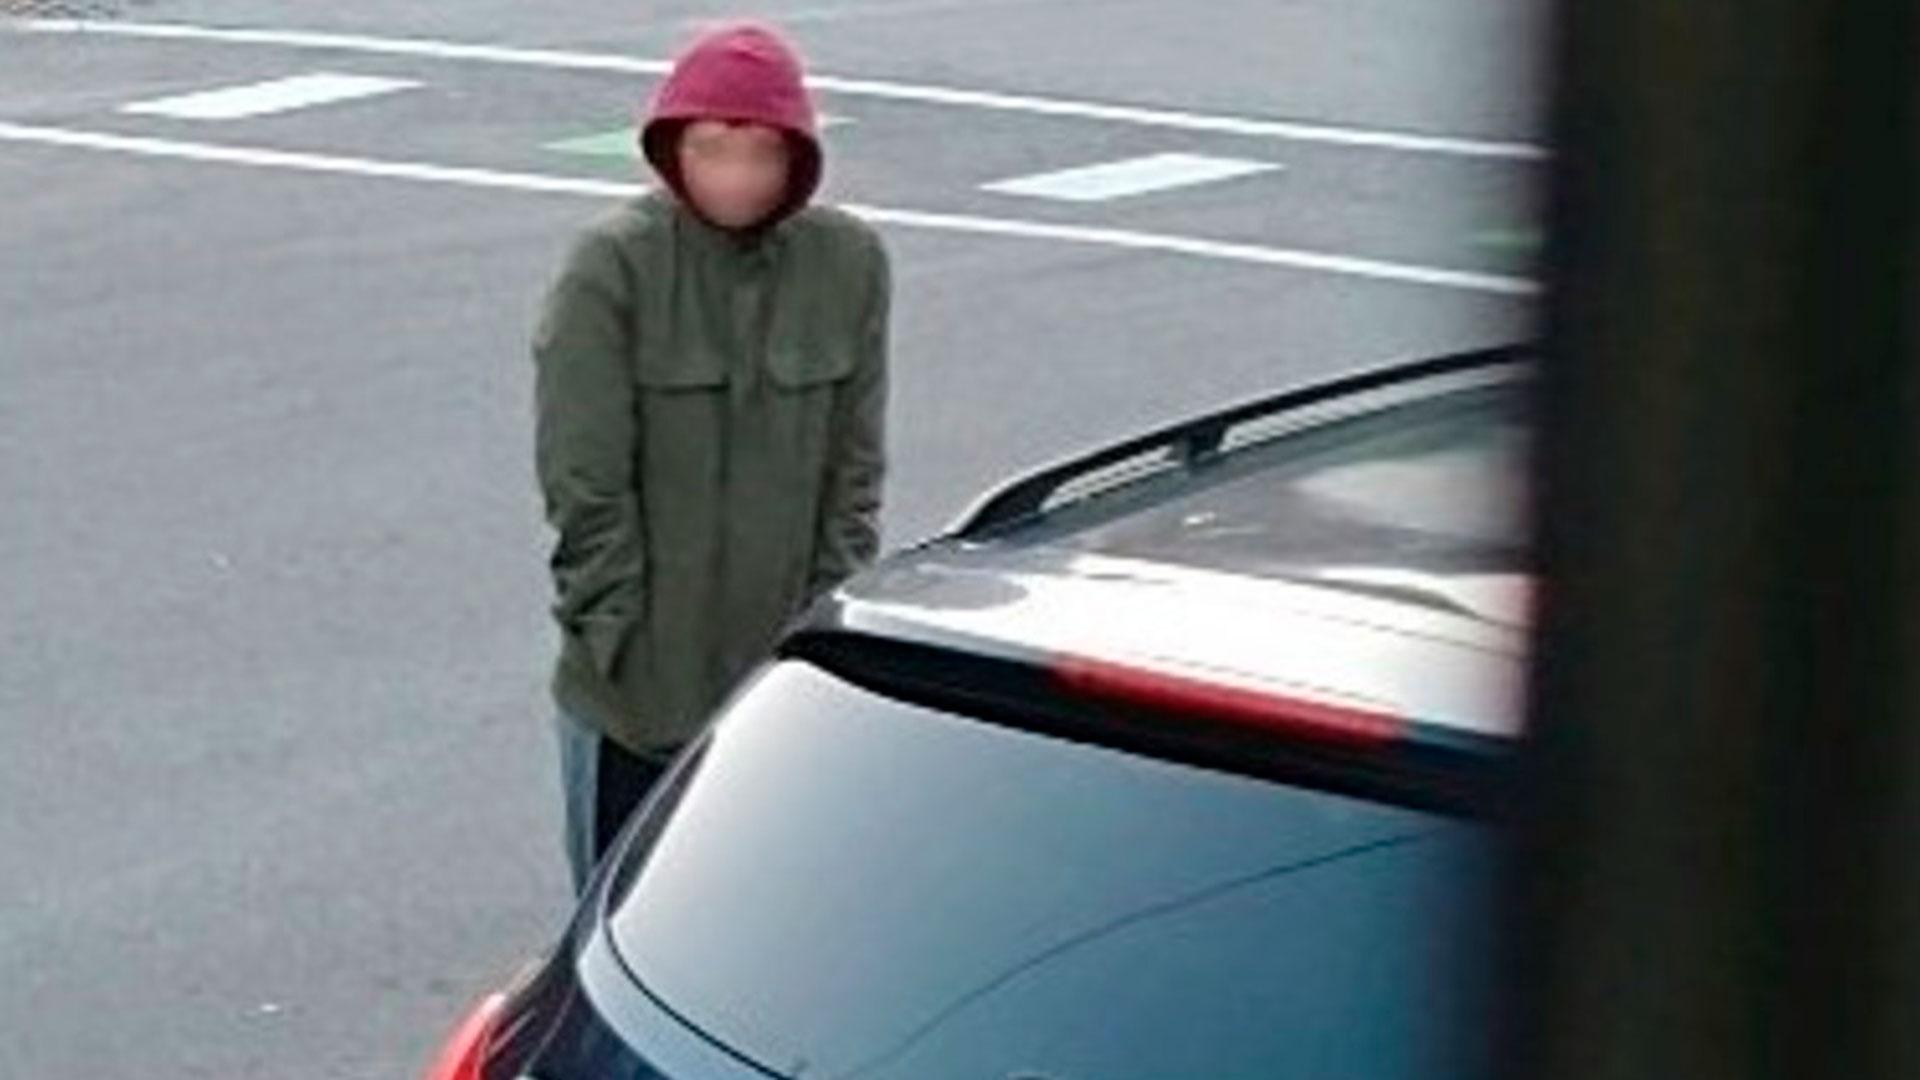 El joven que vagaba por las calles de Newport despertó la esperanza de la familia de Timmothy Pitzen, que creyó que había encontrado al niño